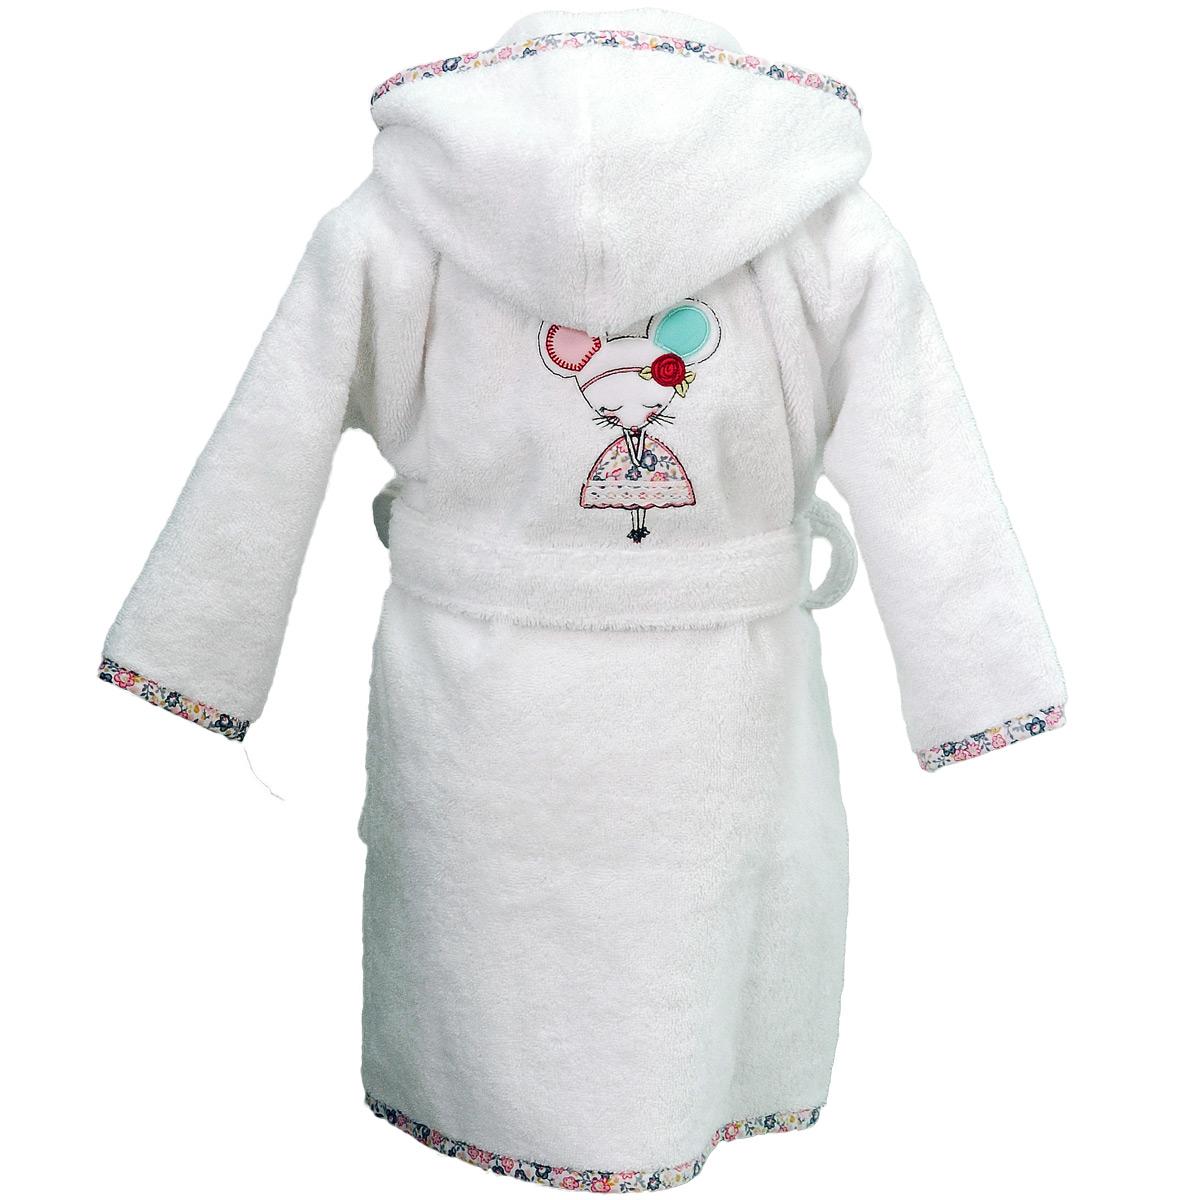 peignoir enfant brod souris danseuse blanc homebain vente en ligne peignoirs. Black Bedroom Furniture Sets. Home Design Ideas